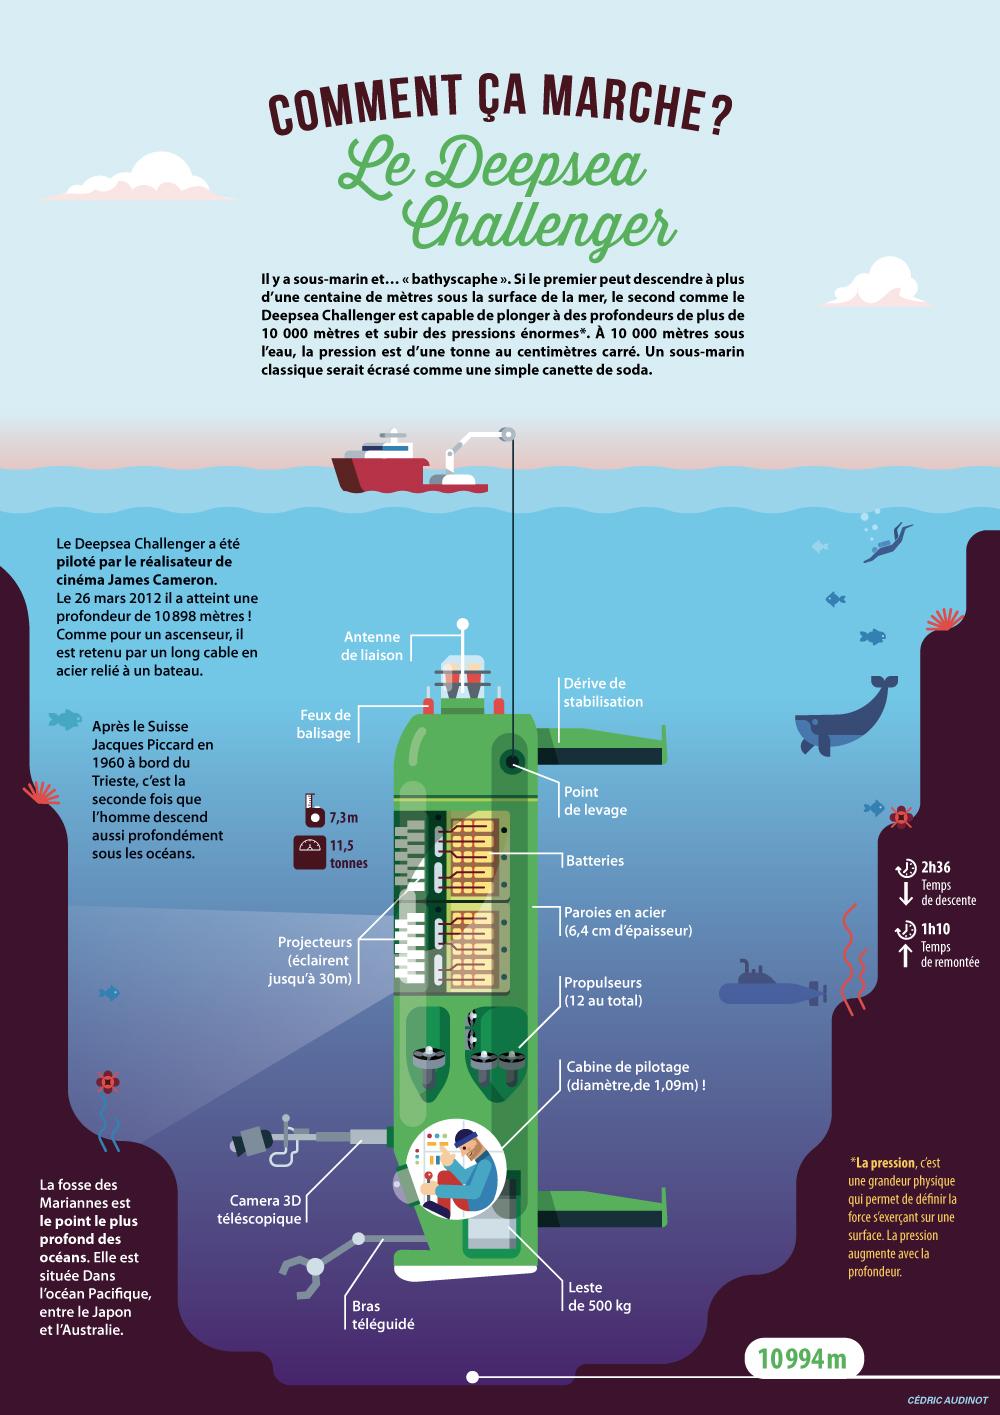 infographie comment ça marche le Deep Sea Challenger